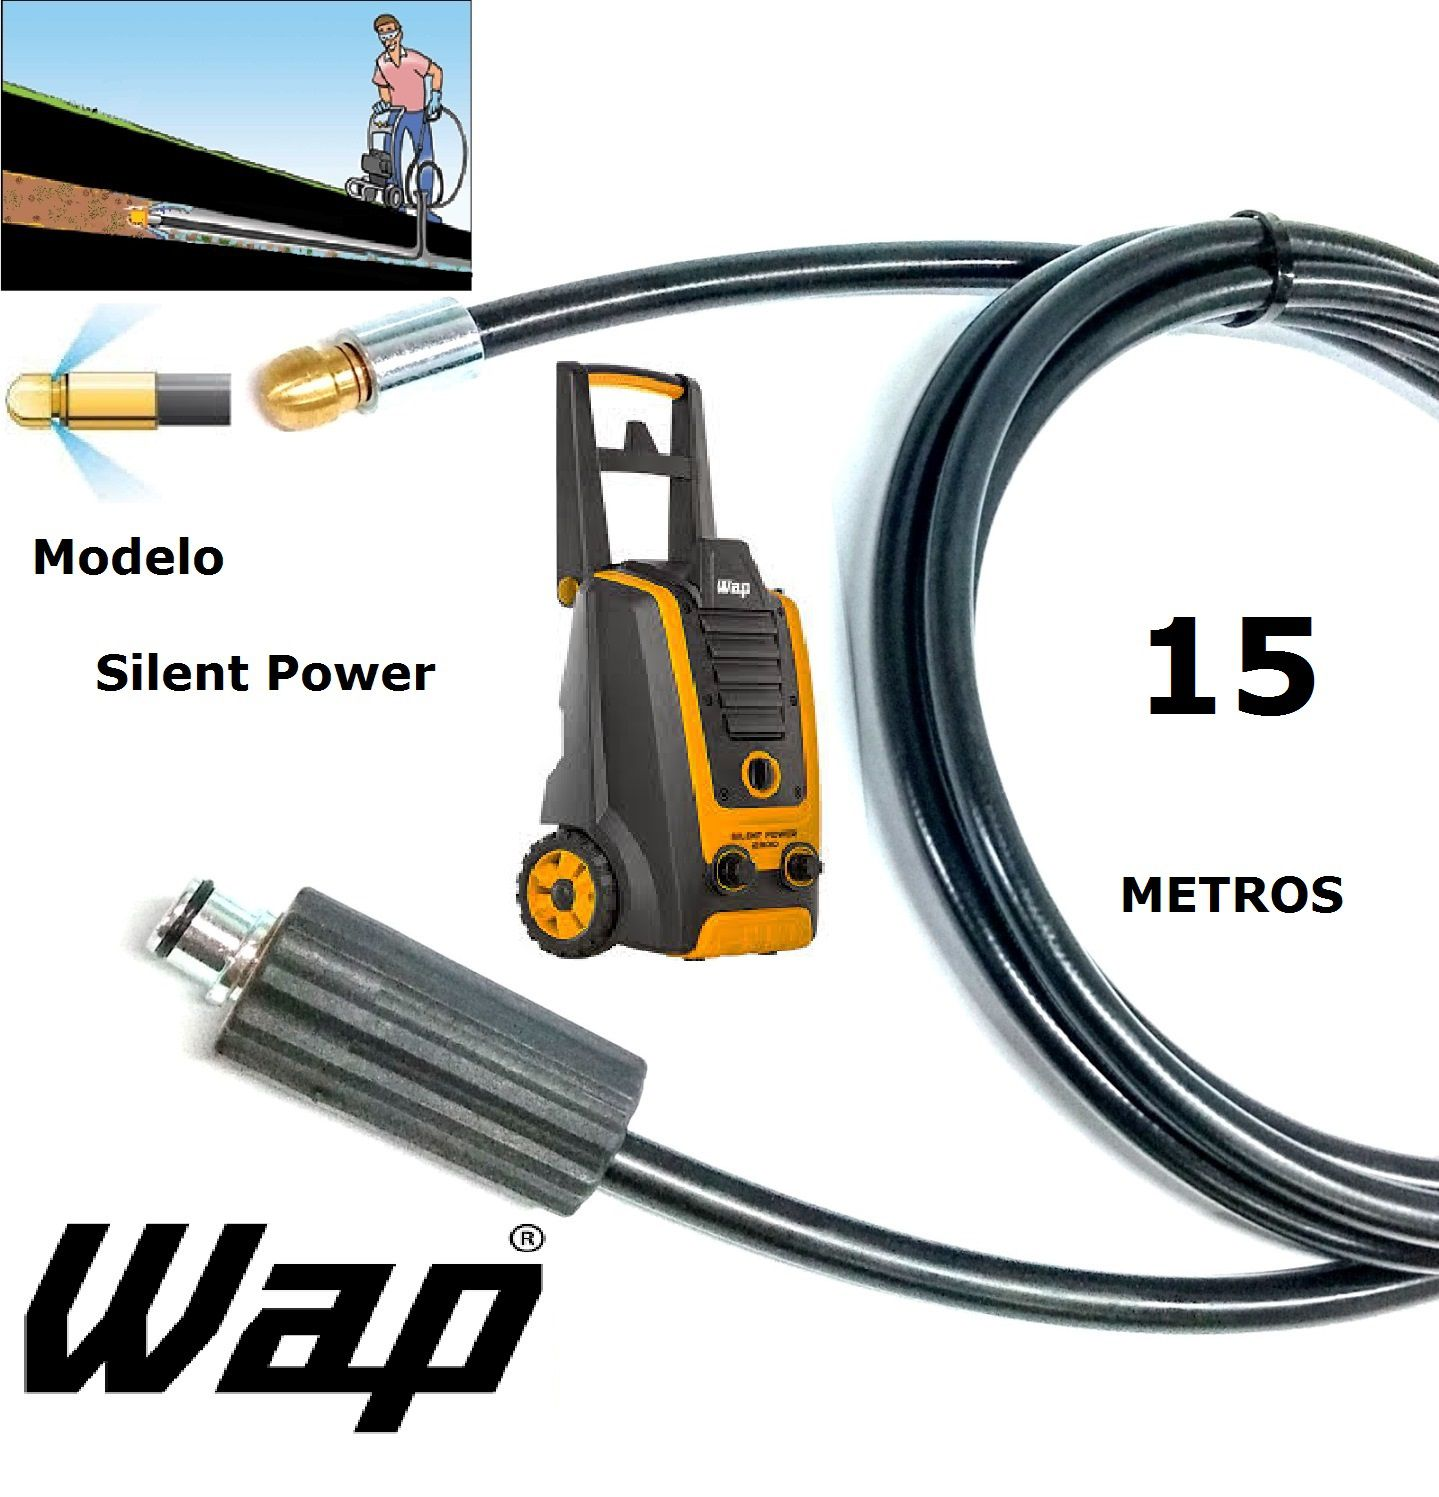 Mangueira desentupidora de tubulação WAP - 15 Metros - Wap SILENT POWER